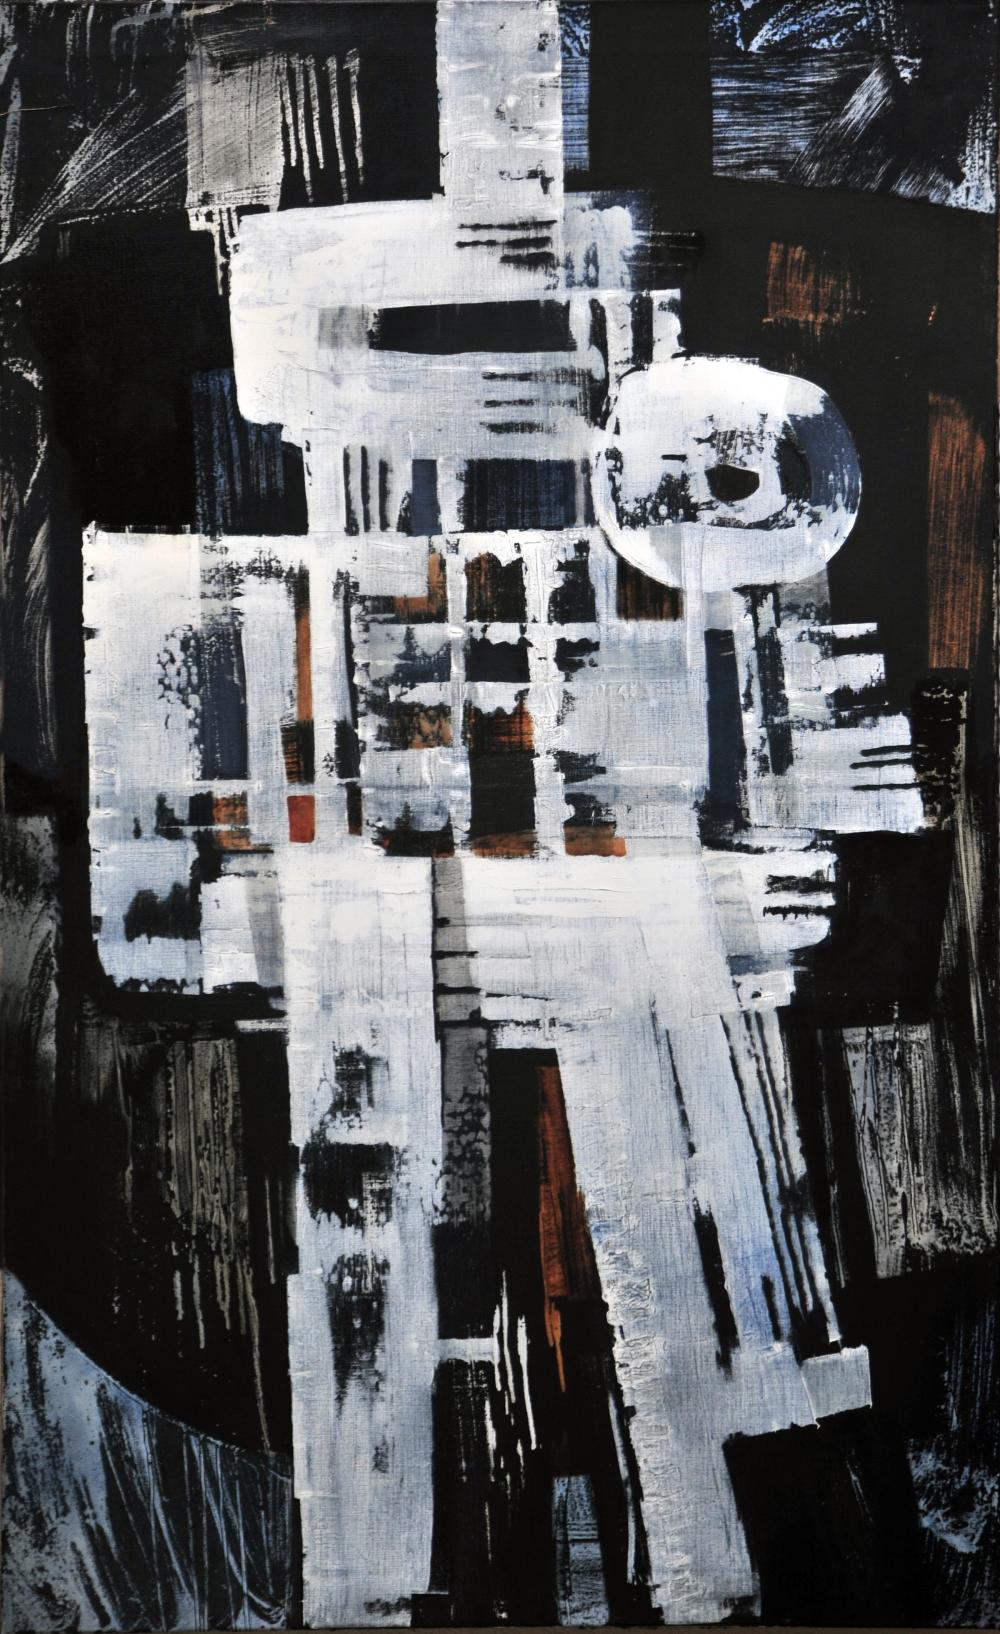 Luigi Pericle, Mahâkâlî ,Matri Dei d.d.d., 1965, tecnica mista su tela, 129,5 × 80 cm